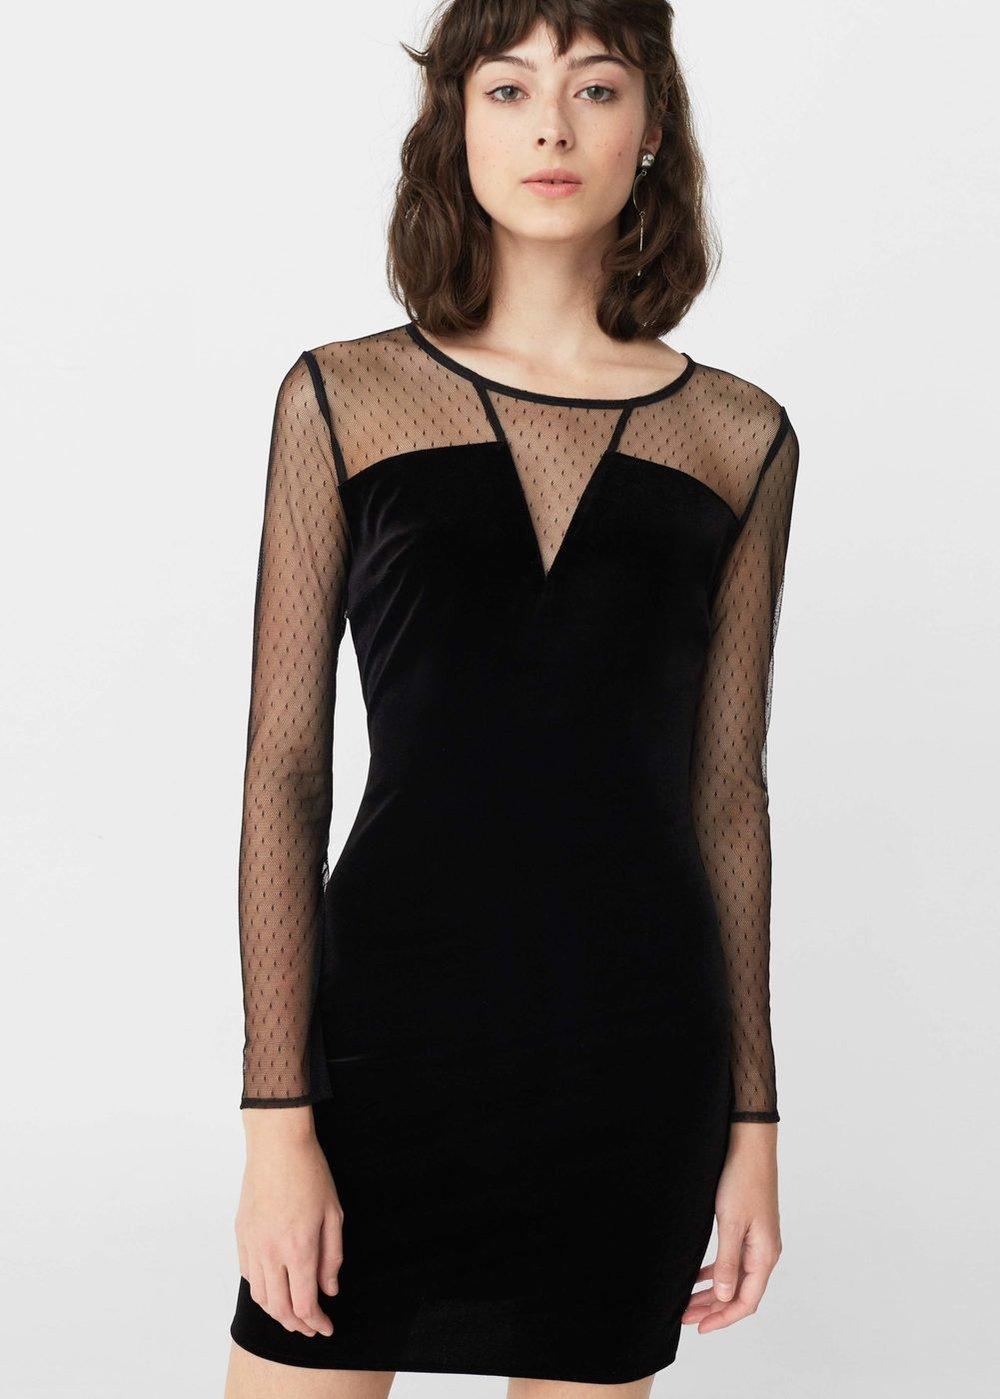 Velvet long sleeve dress, £29.99, Mango